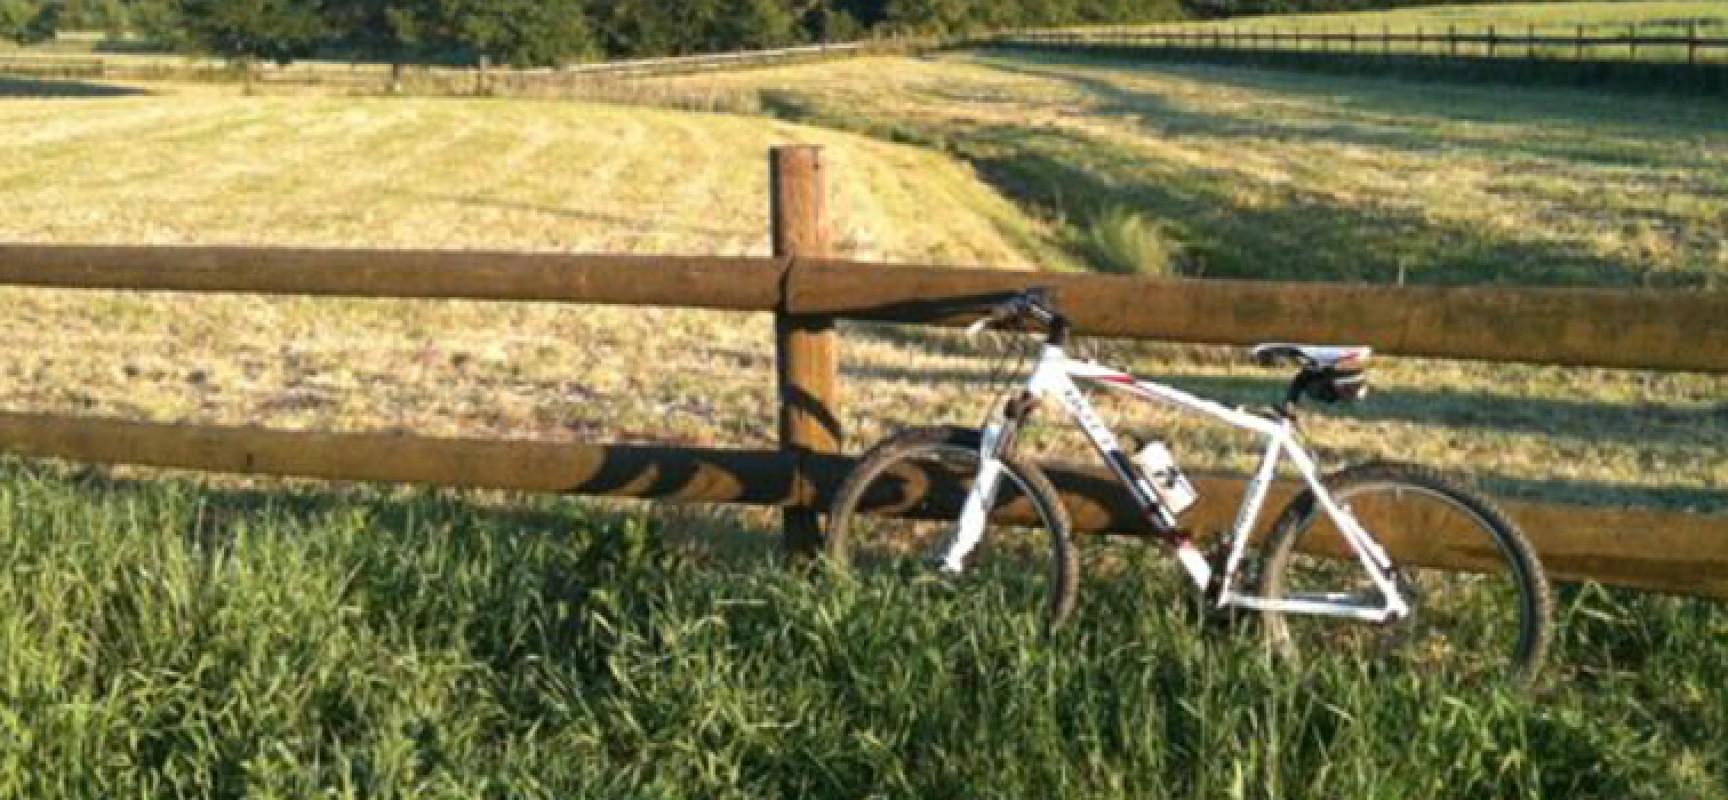 Cicloescursione a cura di Biciliæ in occasione della settimana della mobilità sostenibile